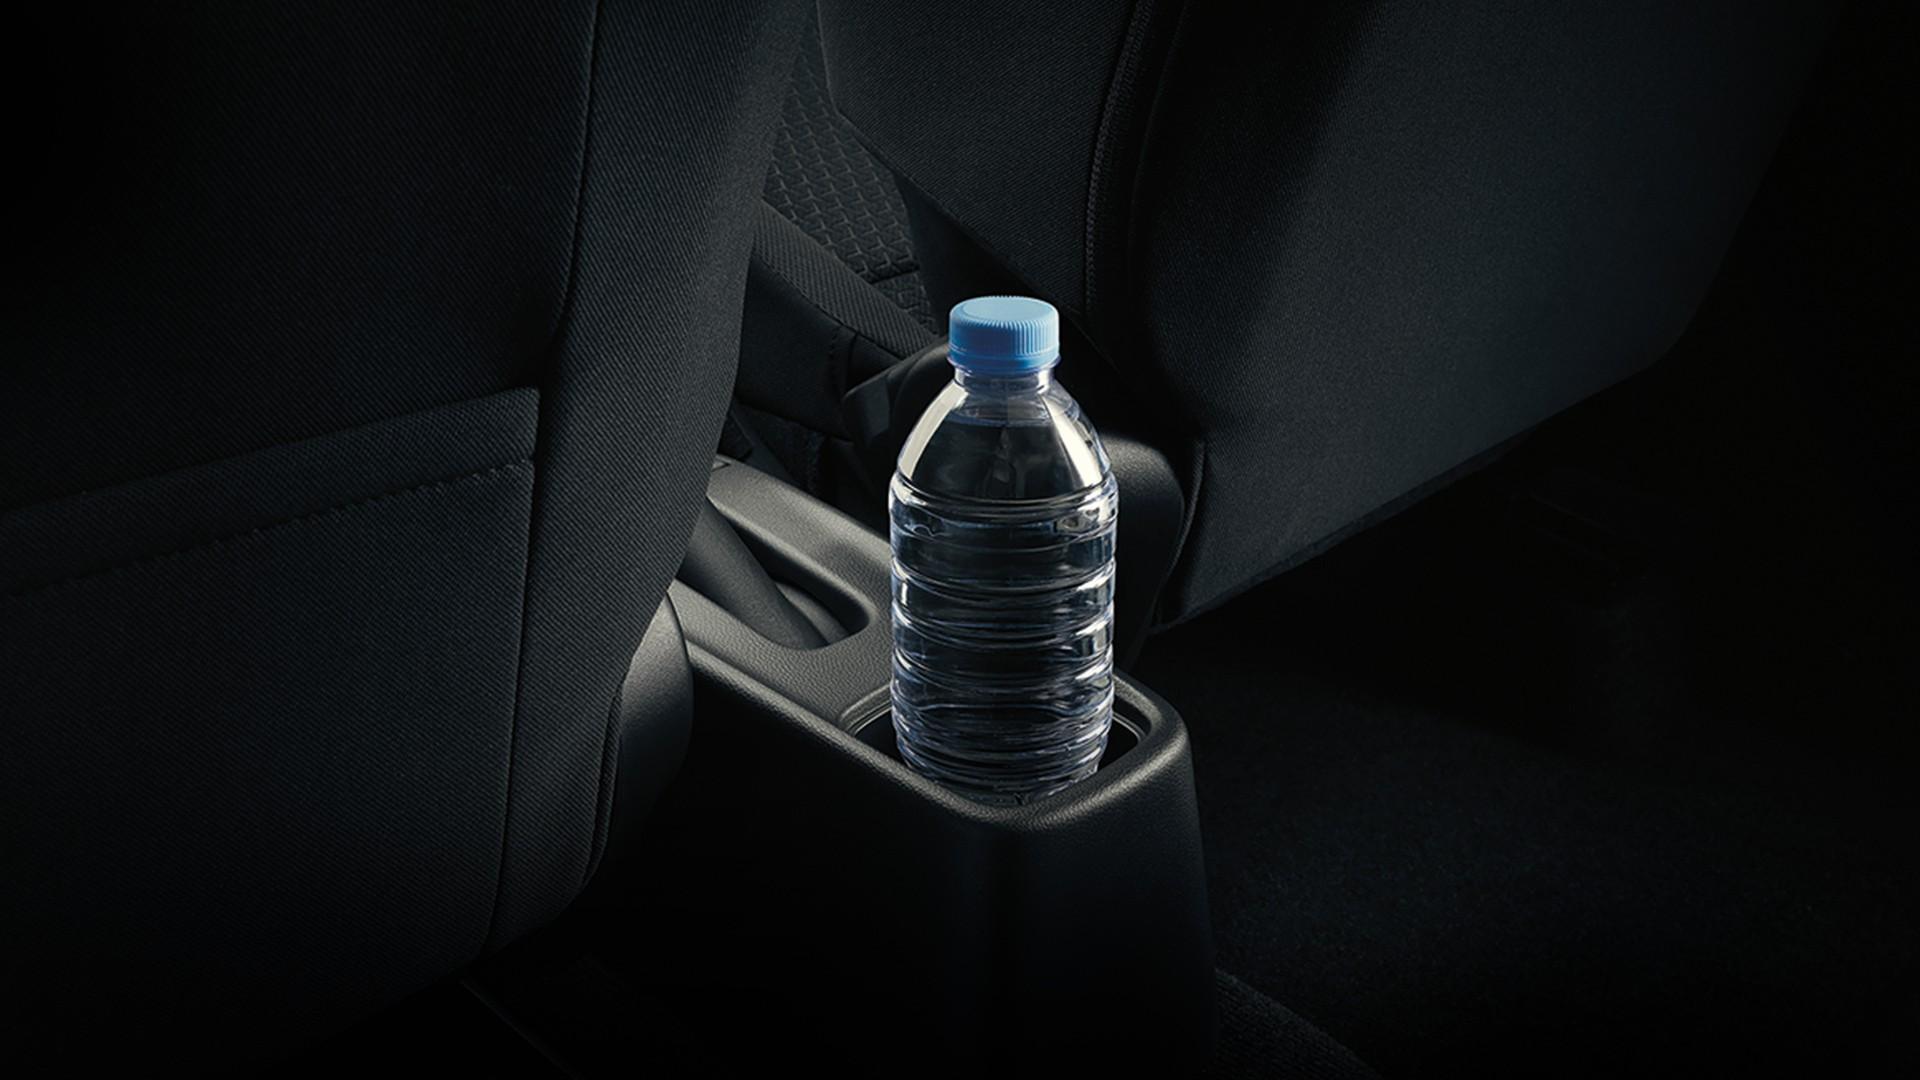 New Suzuki Swift Bottle Holders and Storage Spaces.